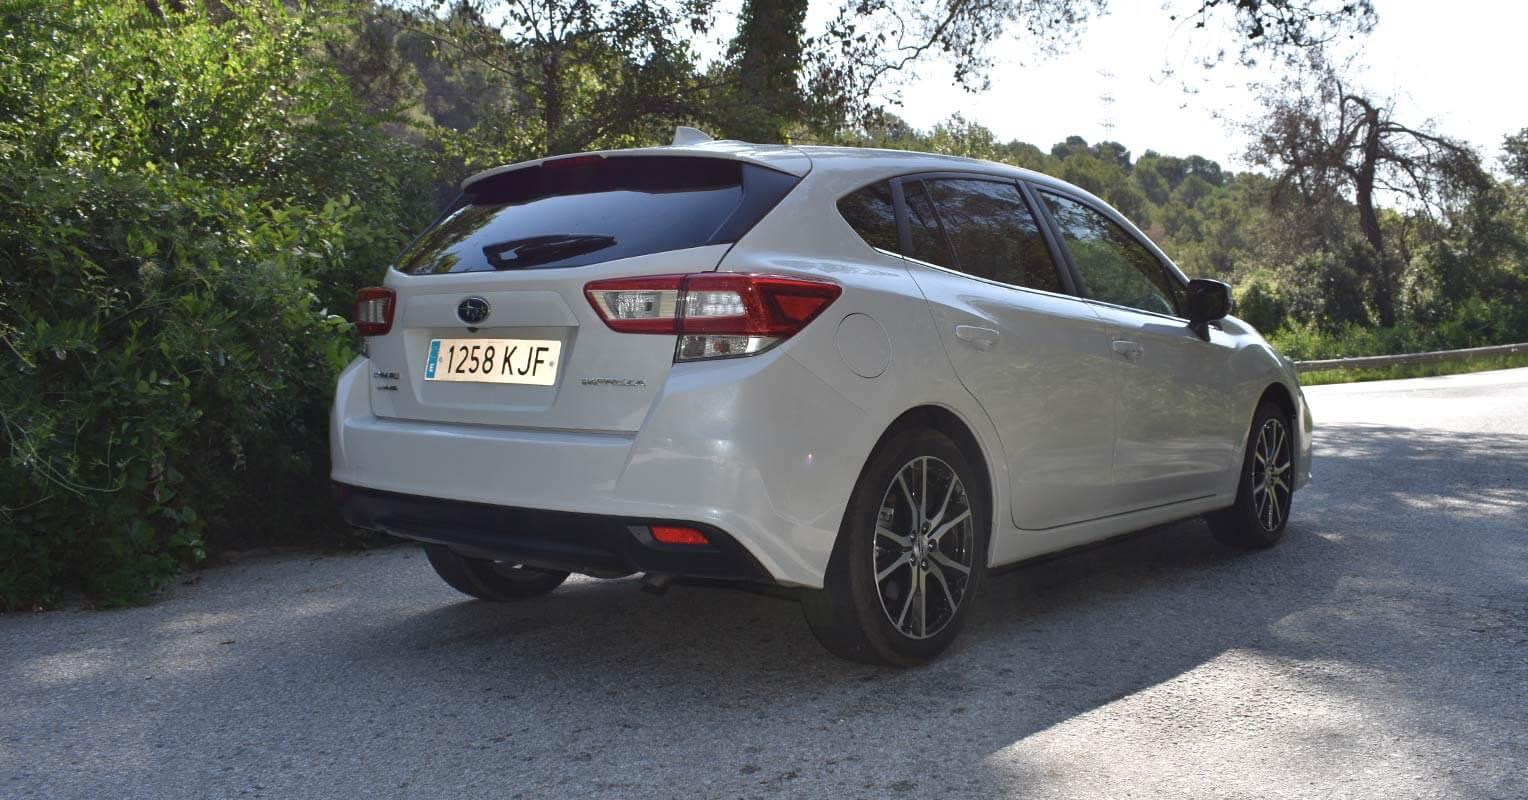 Trasera del Subaru Impreza 2018